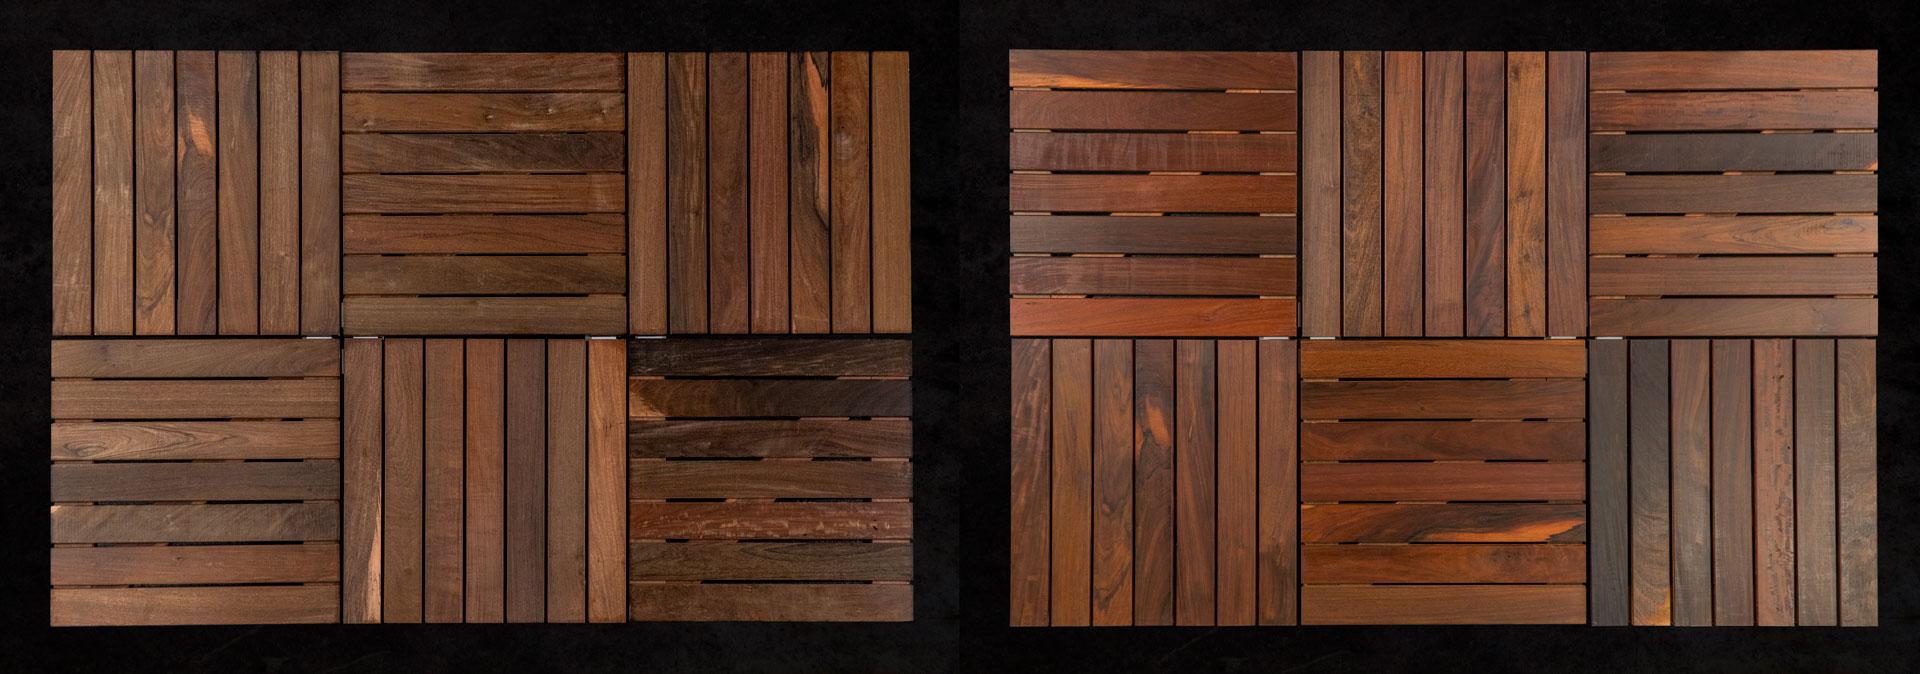 Hardwood Decking & Lumber Specials - Decking & Lumber Sale